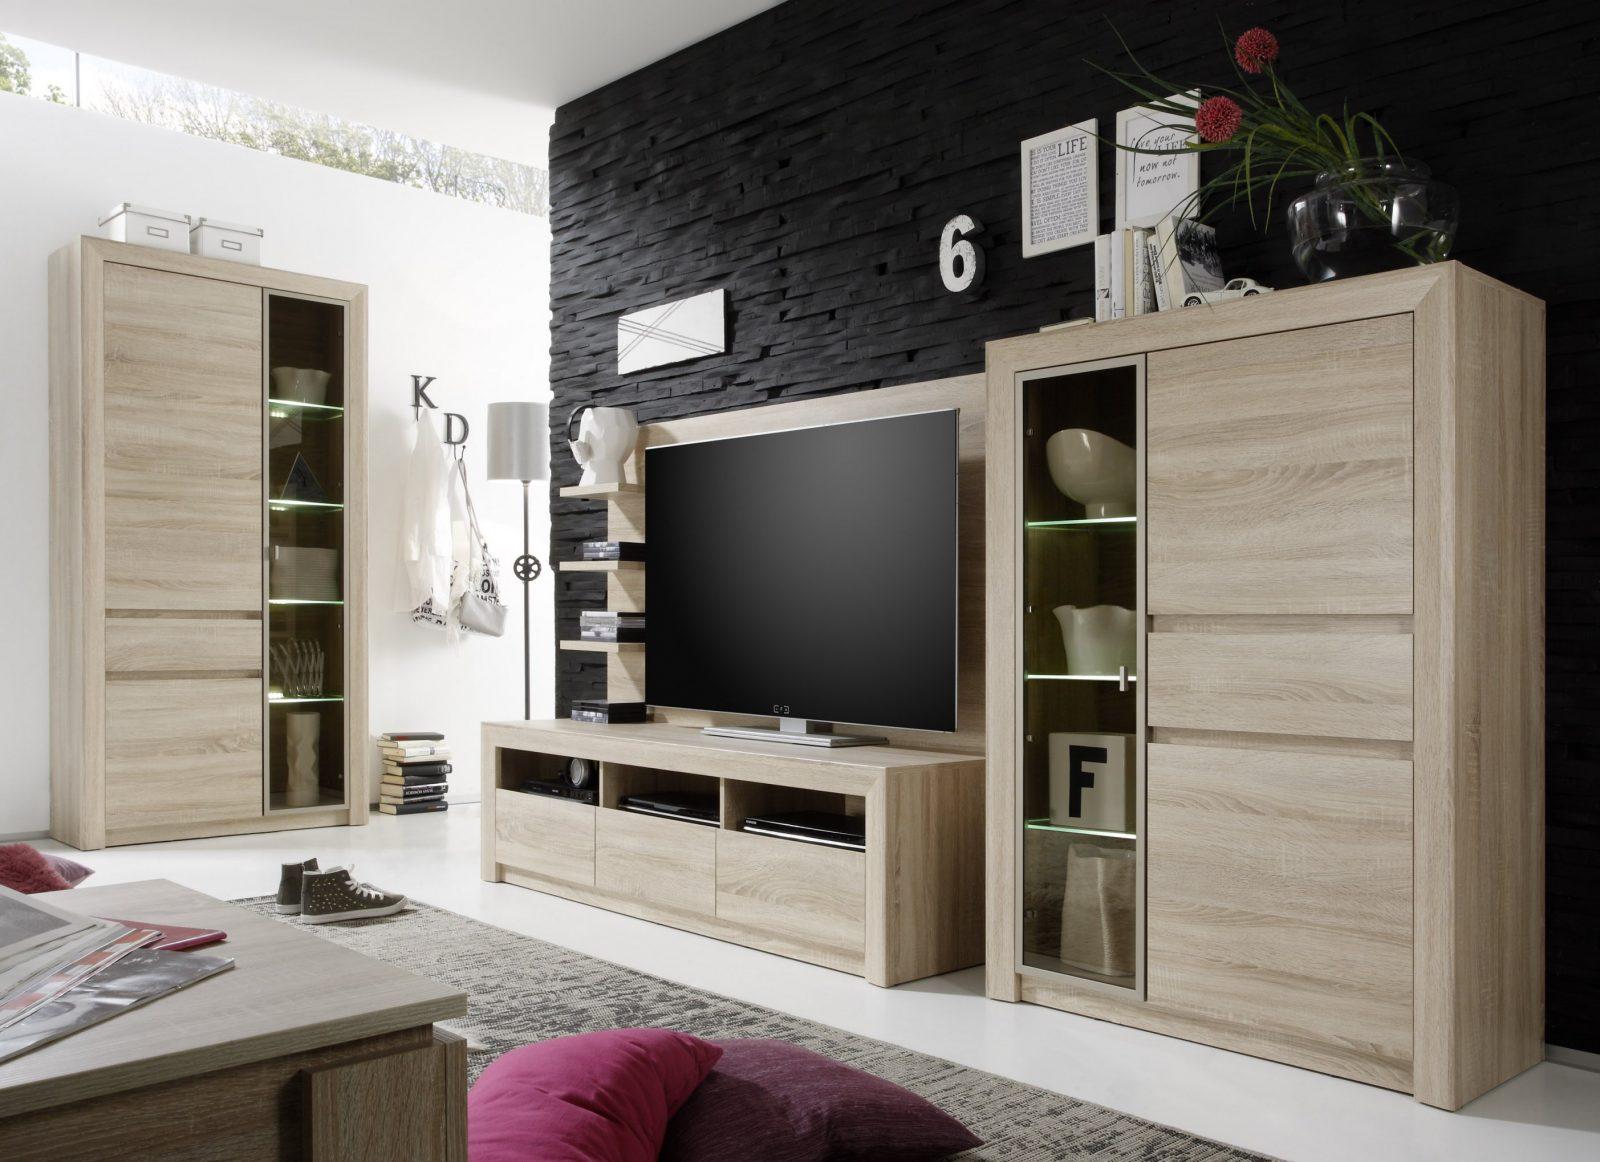 Wohnwand 270 Cm Breit Cool Fabulous Wohnwand Teilig X Cm Wohnzimmer von Wohnwand 270 Cm Breit Bild